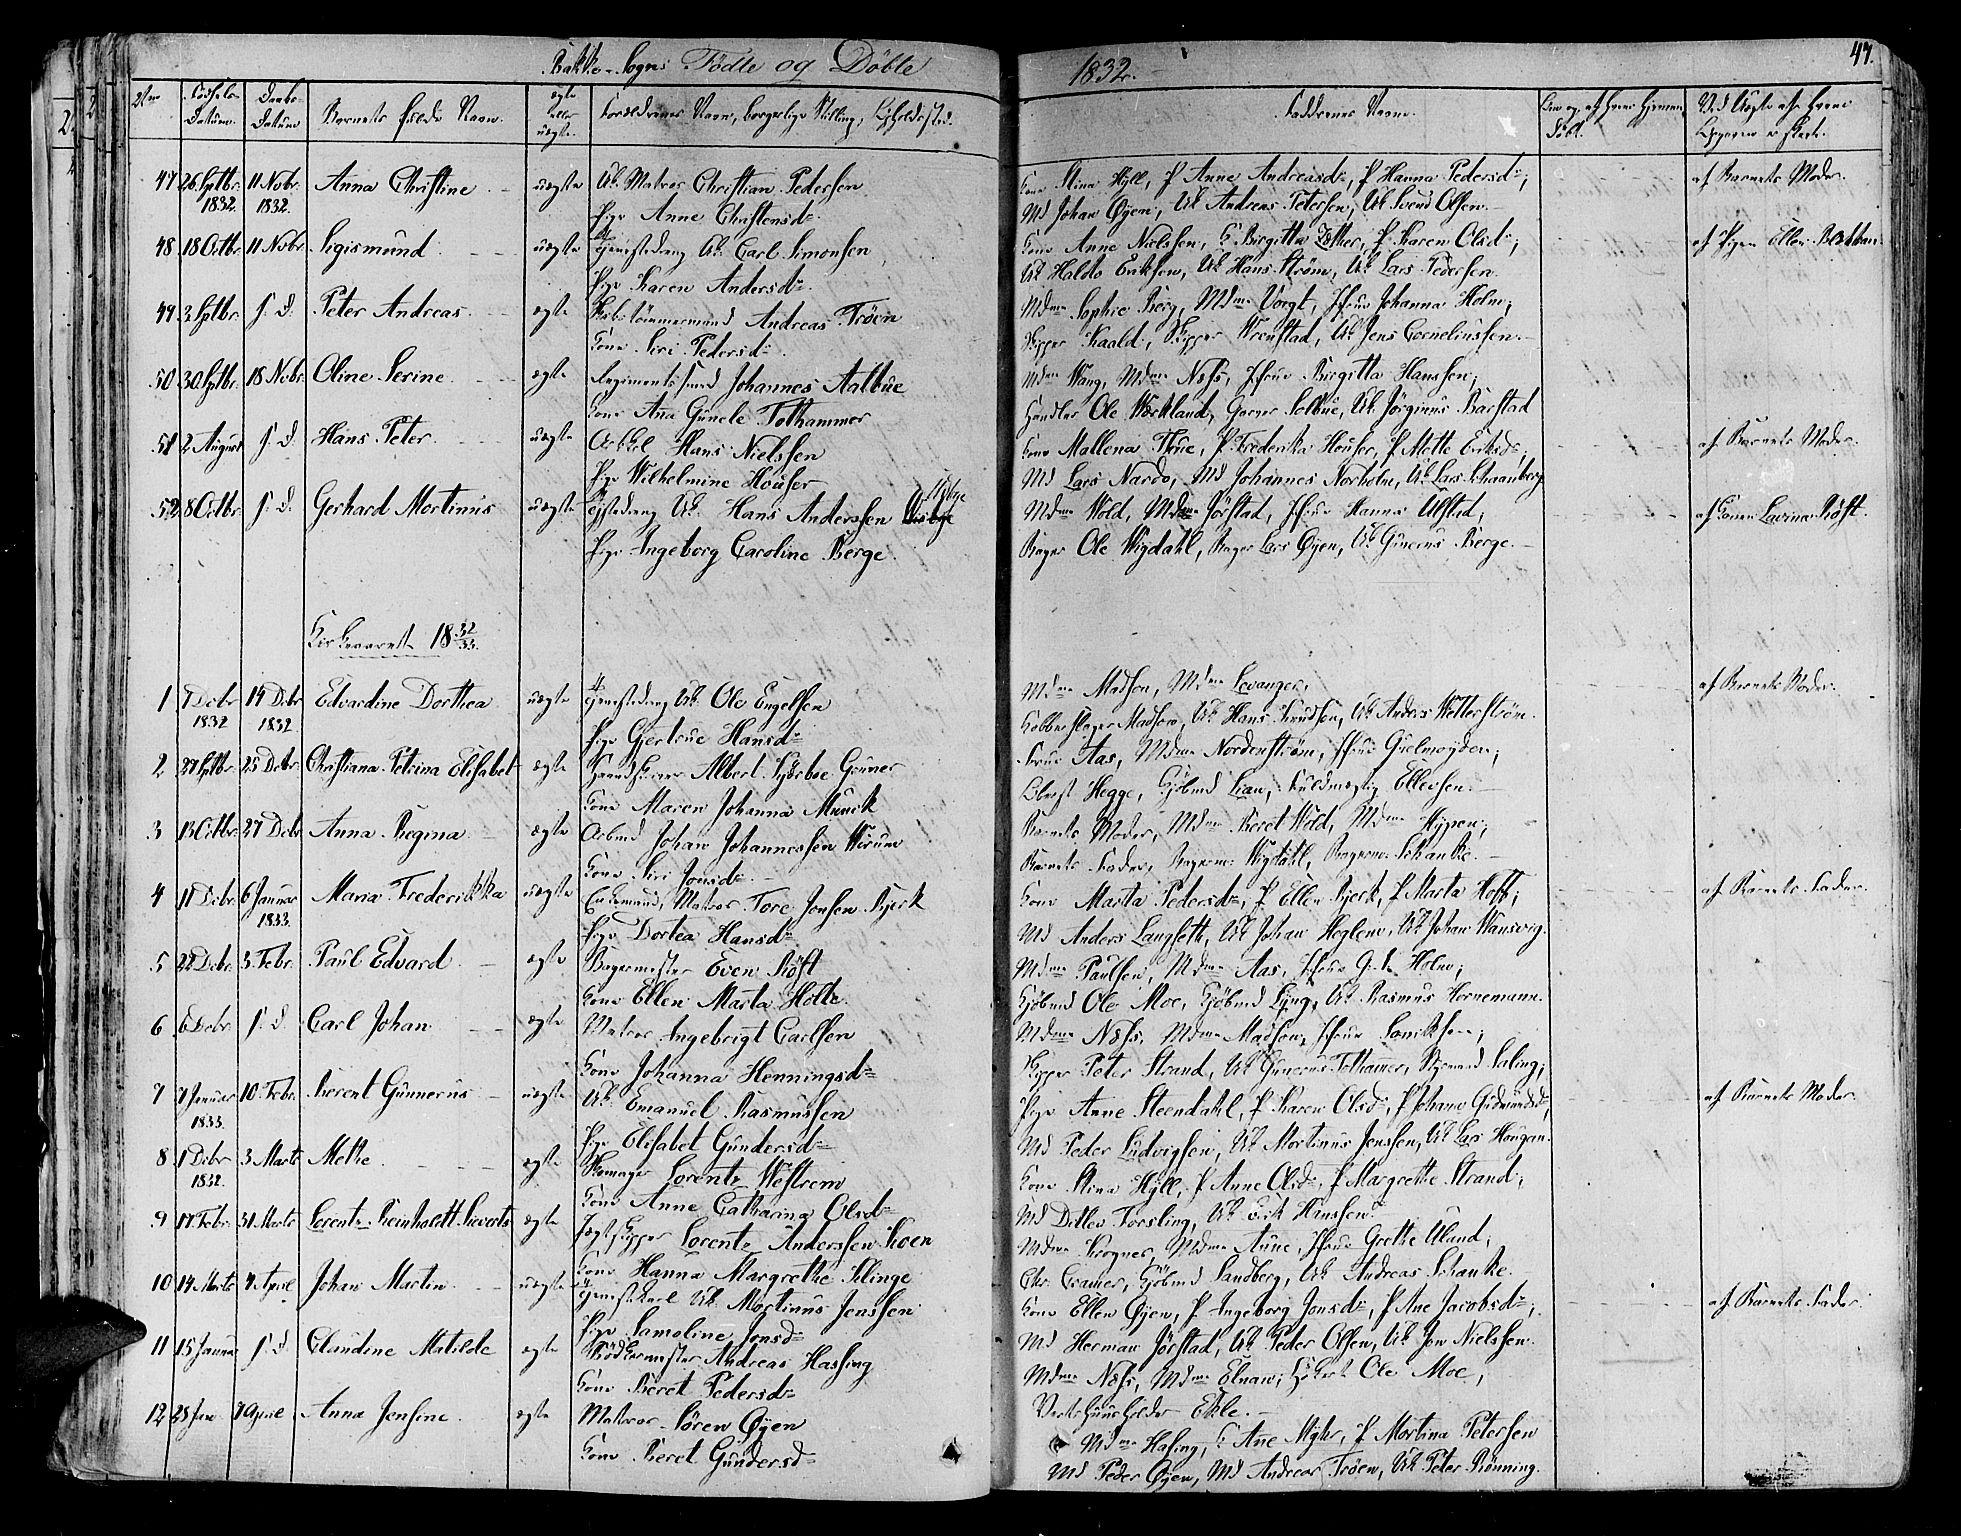 SAT, Ministerialprotokoller, klokkerbøker og fødselsregistre - Sør-Trøndelag, 606/L0287: Ministerialbok nr. 606A04 /2, 1826-1840, s. 47